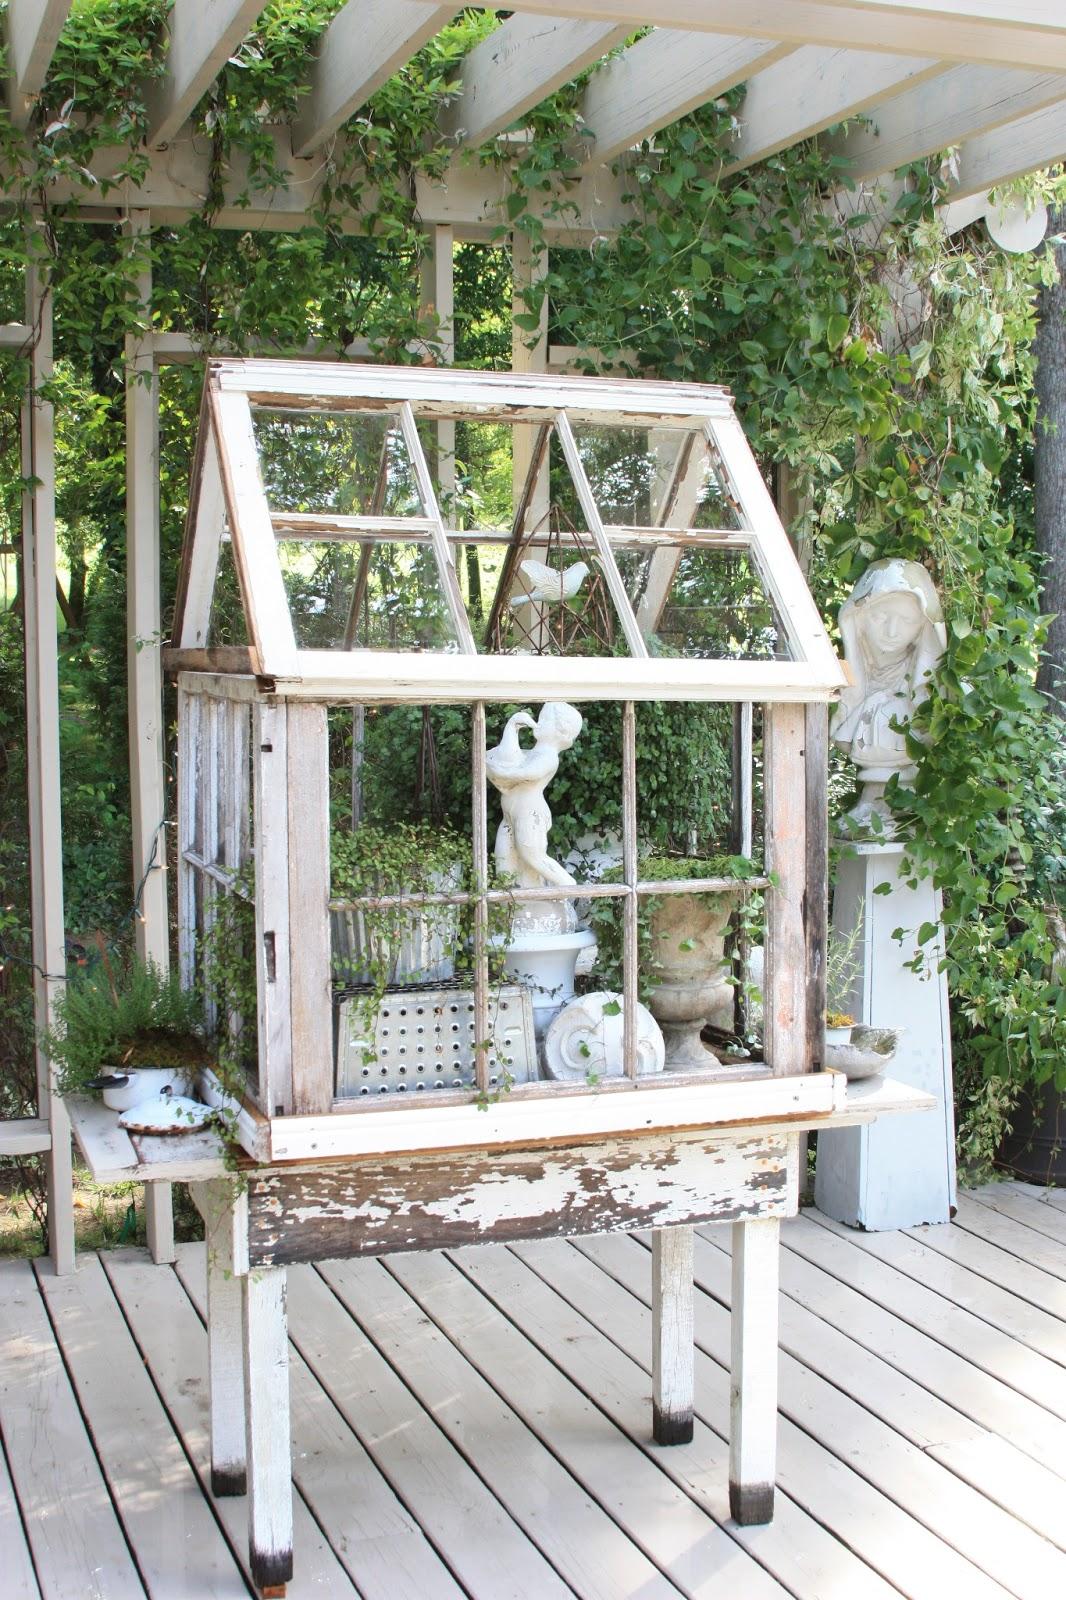 Erin S Art And Gardens Garden Folly